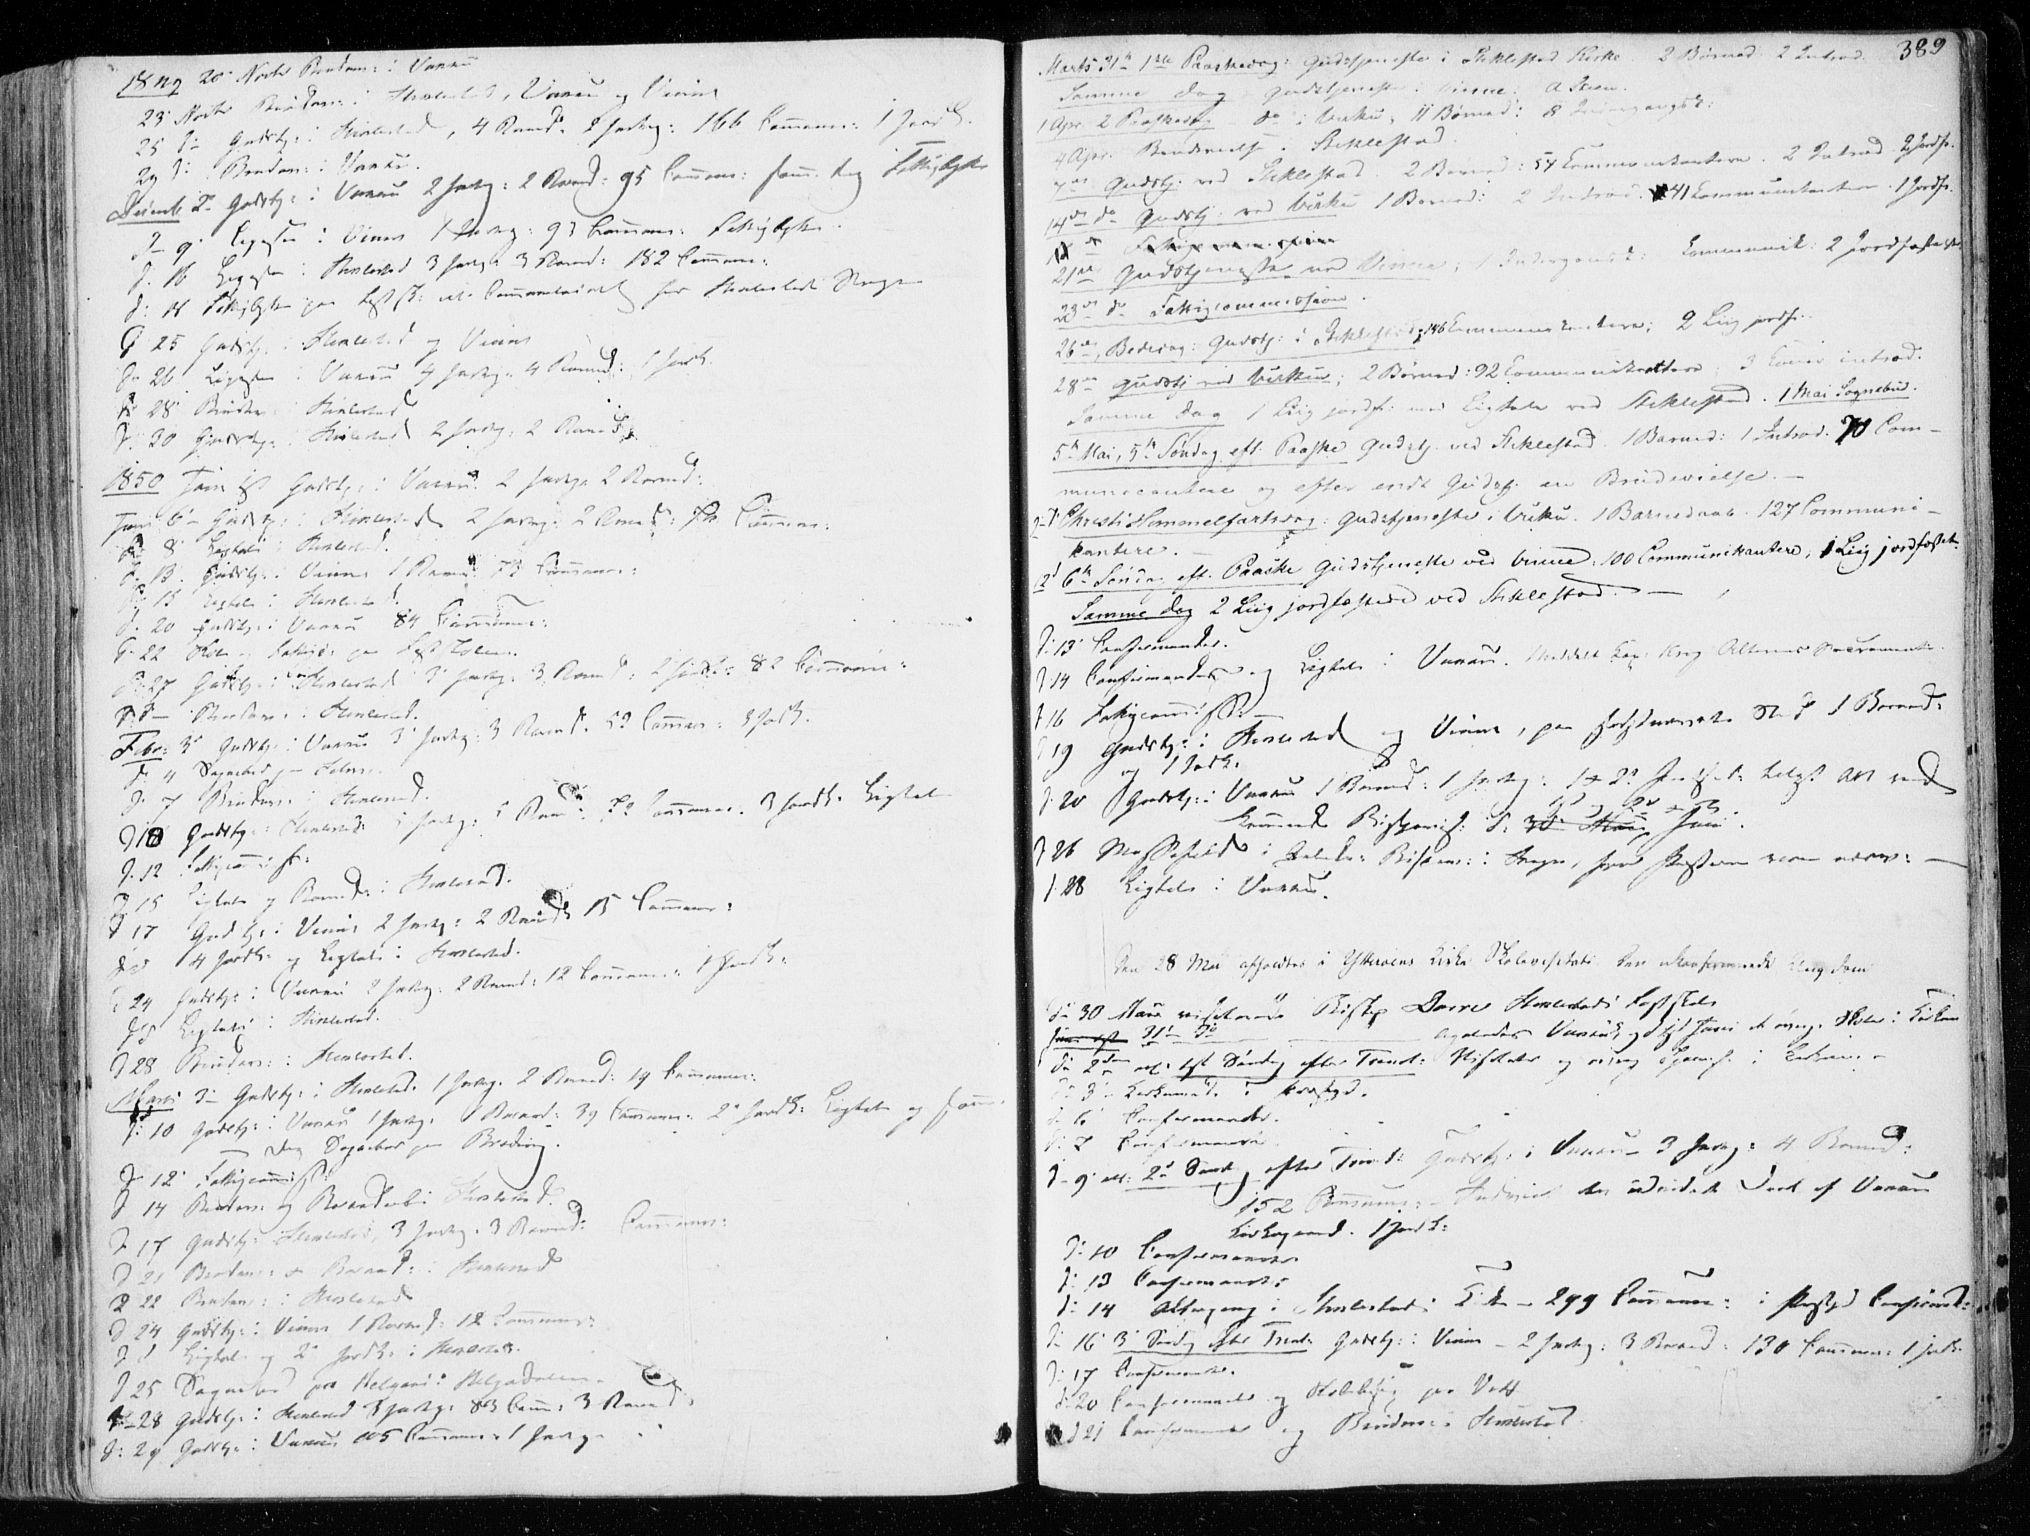 SAT, Ministerialprotokoller, klokkerbøker og fødselsregistre - Nord-Trøndelag, 723/L0239: Ministerialbok nr. 723A08, 1841-1851, s. 389